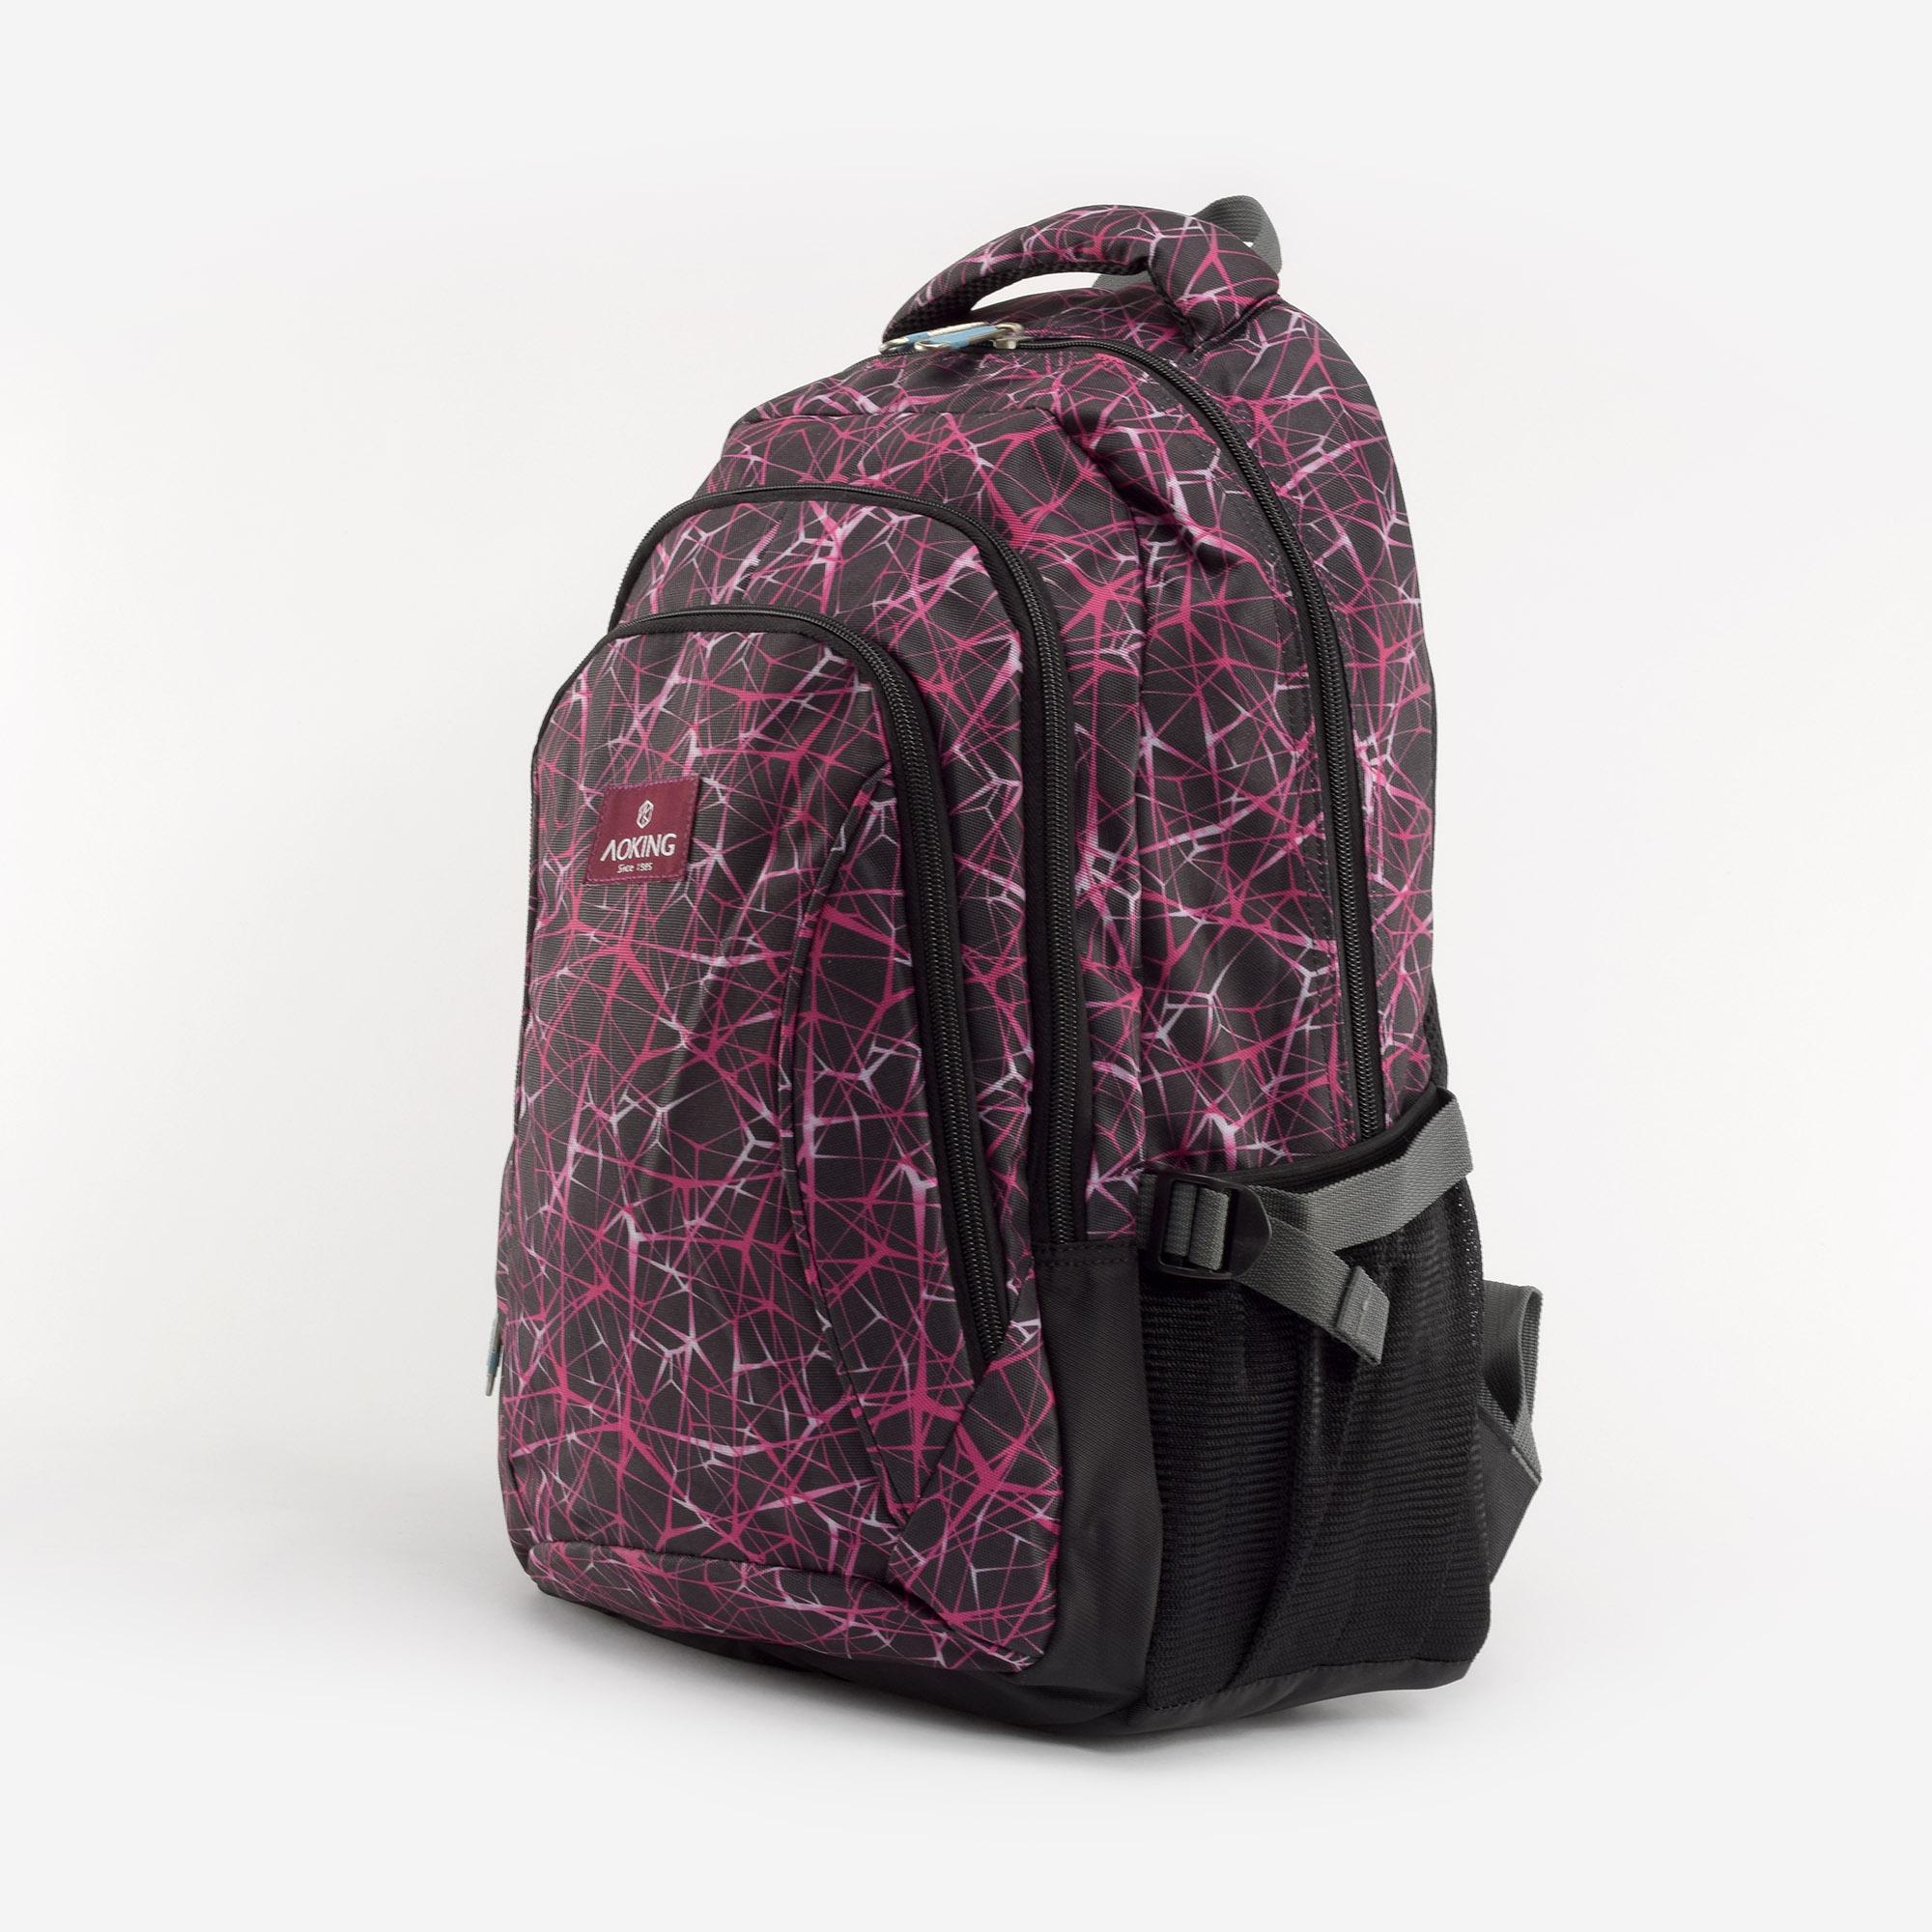 ec059d9bdaff Aoking Lila mintás Poliészter Hátizsák - Túra és szabadidős hátizsákok -  Táska webáruház - Minőségi táskák mindenkinek